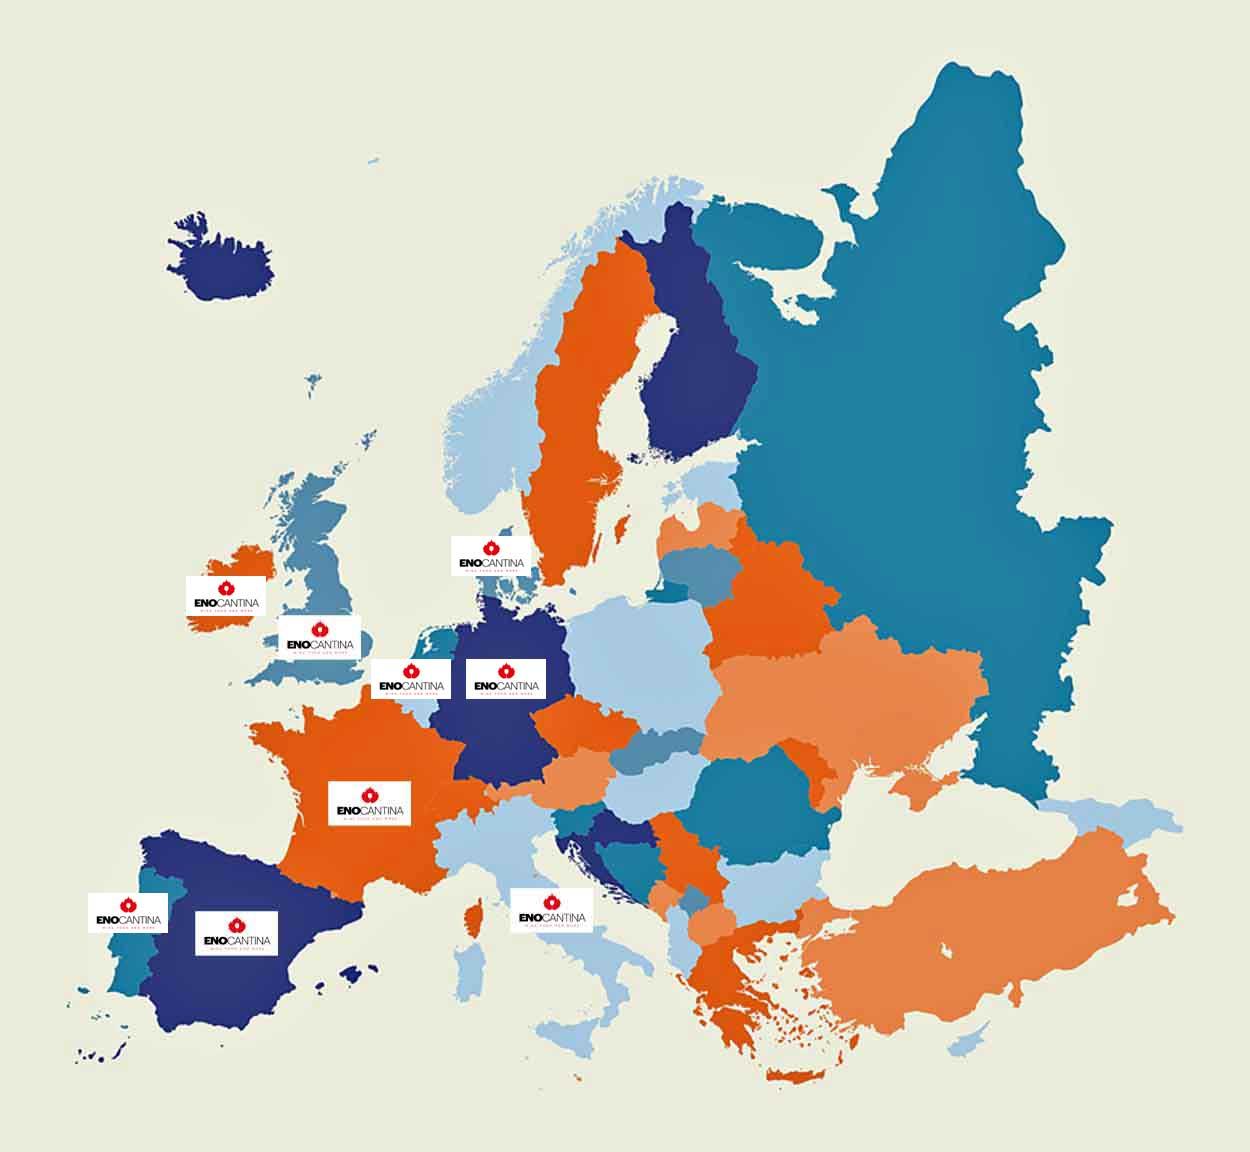 enocantina-europa